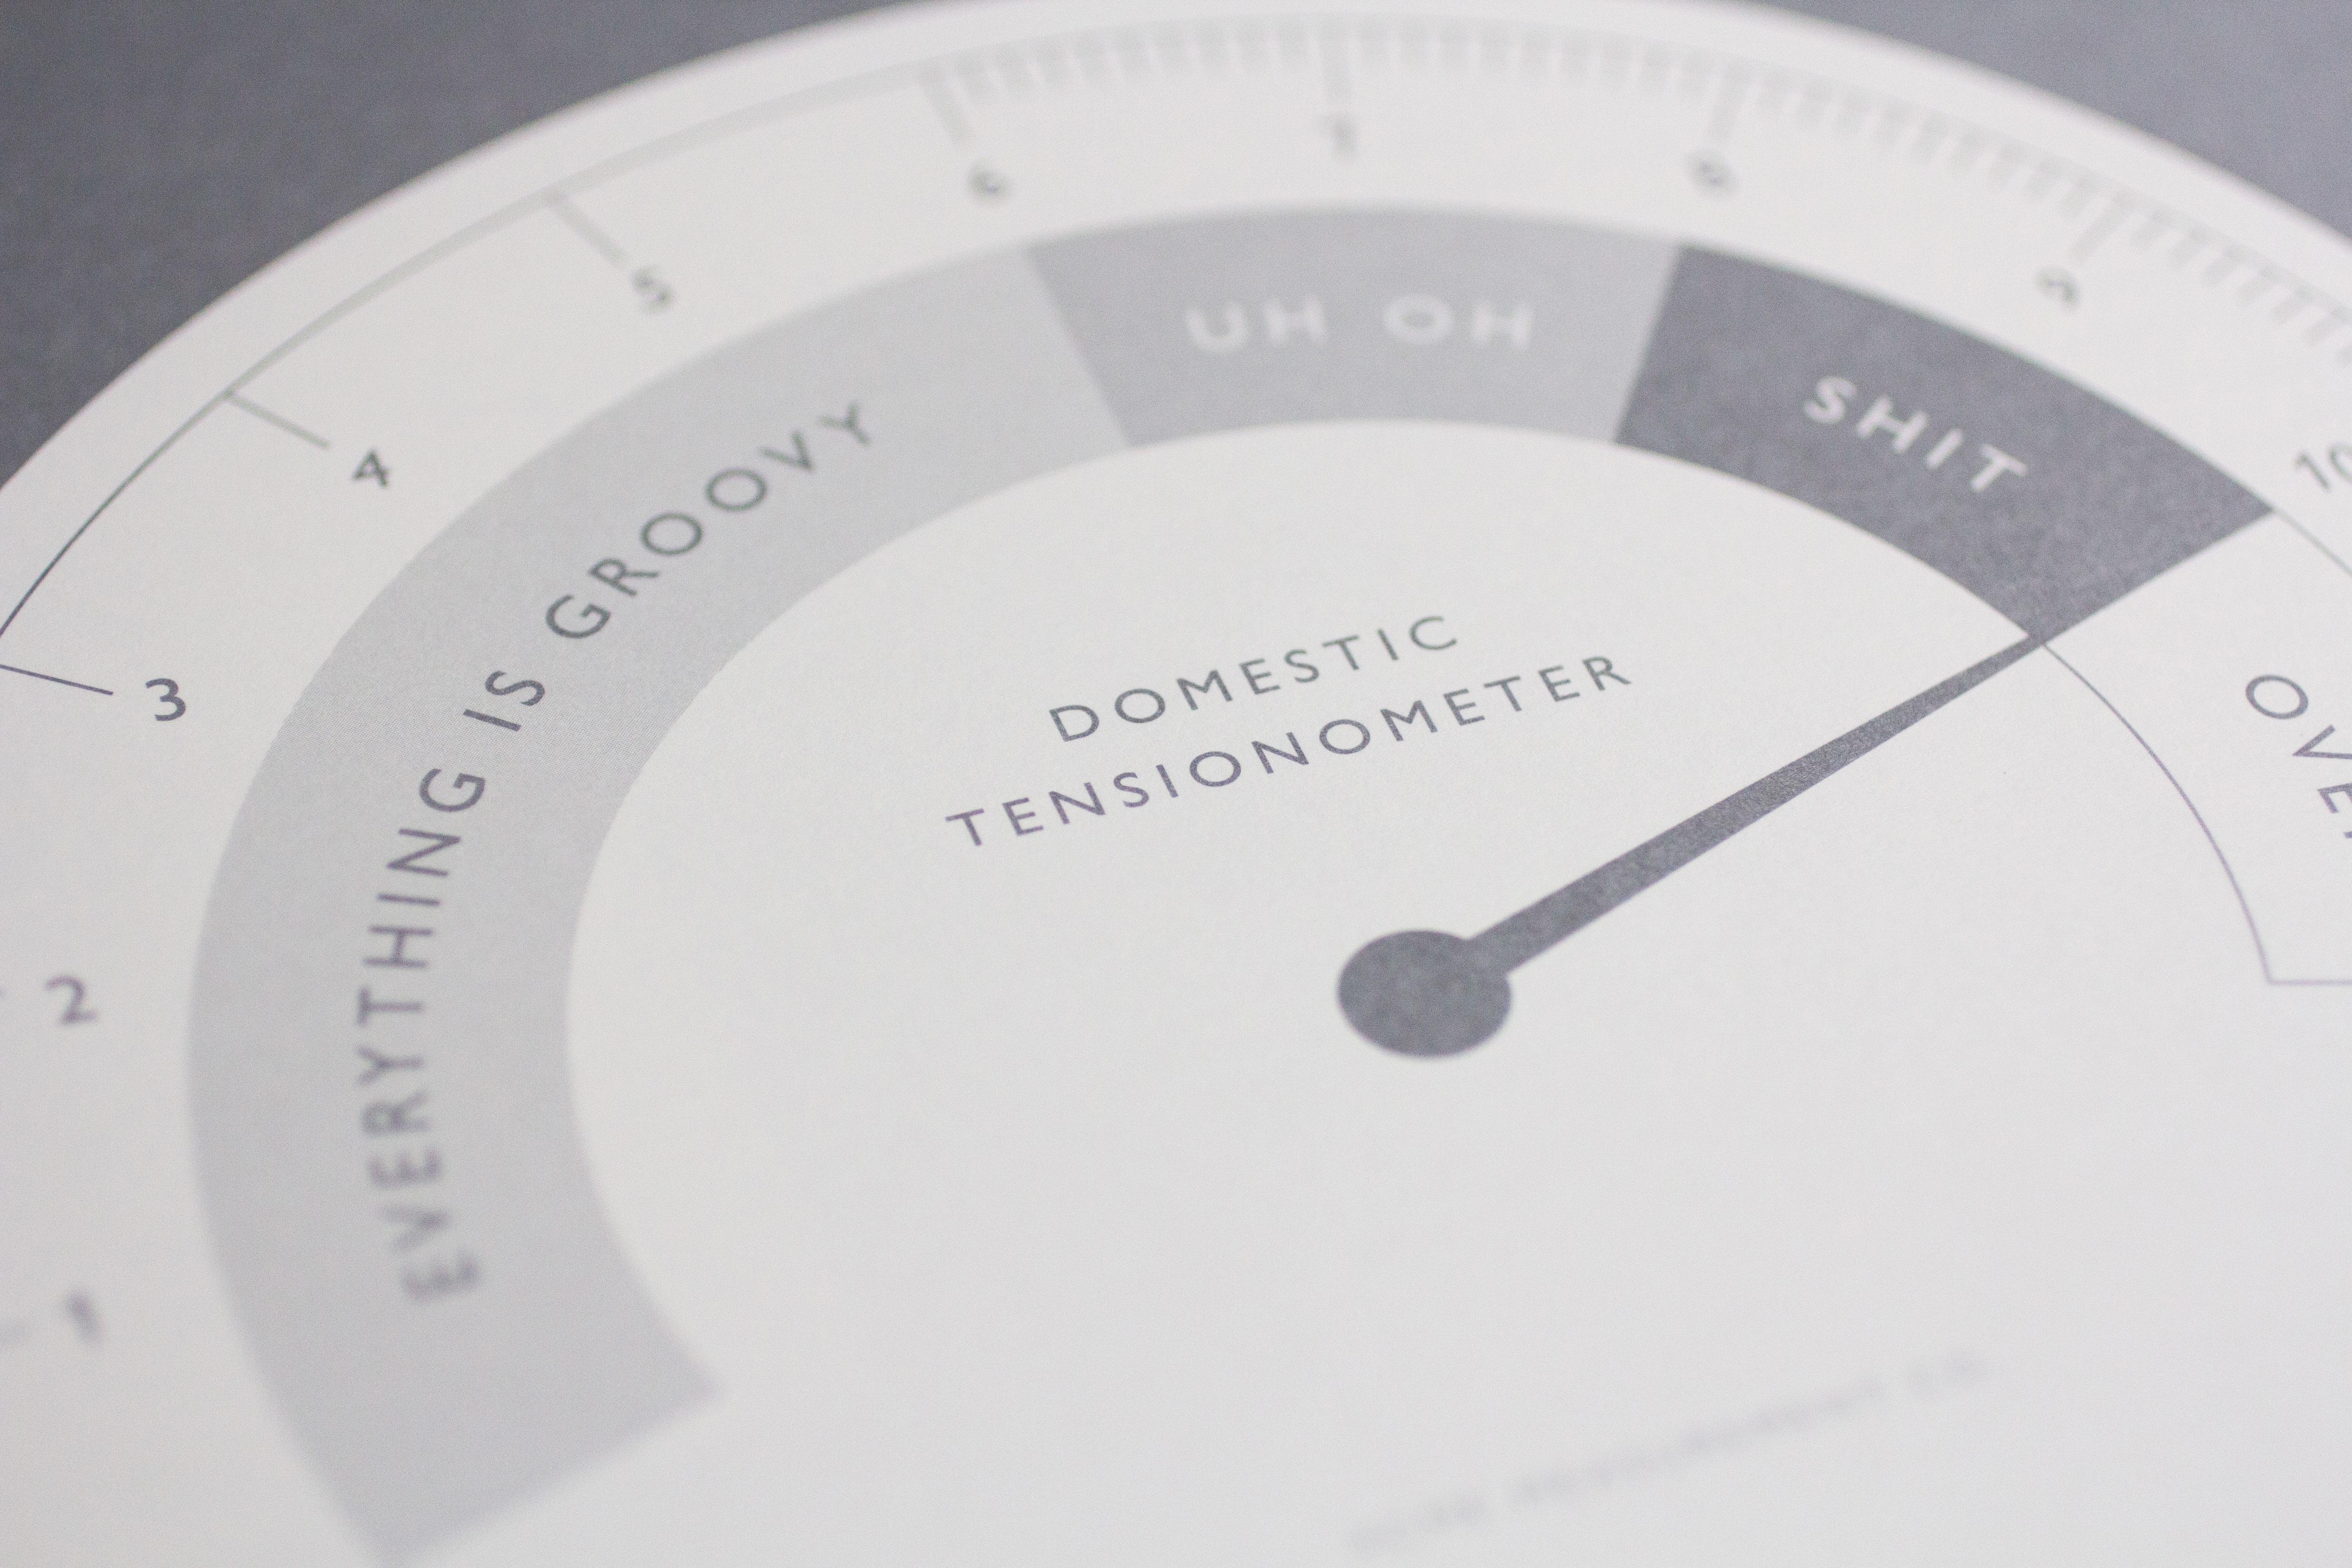 10x10_Tensionometer-2